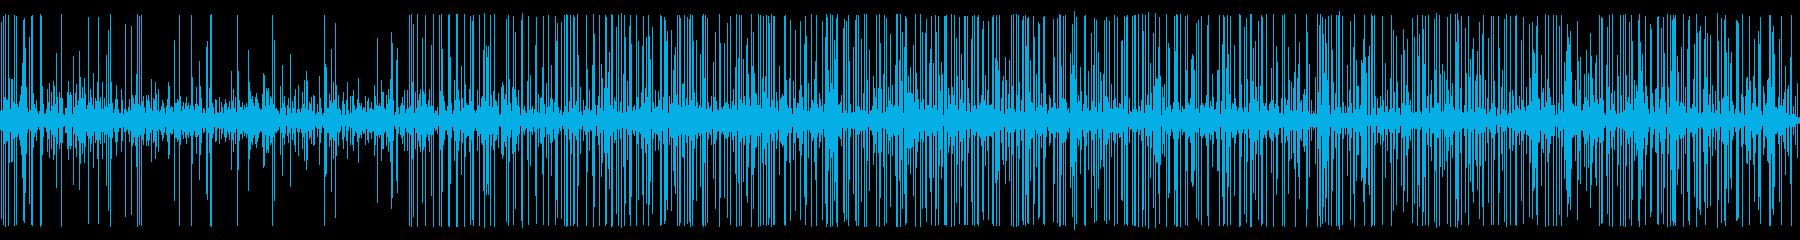 雨上がりの深夜の排水路の水音の再生済みの波形